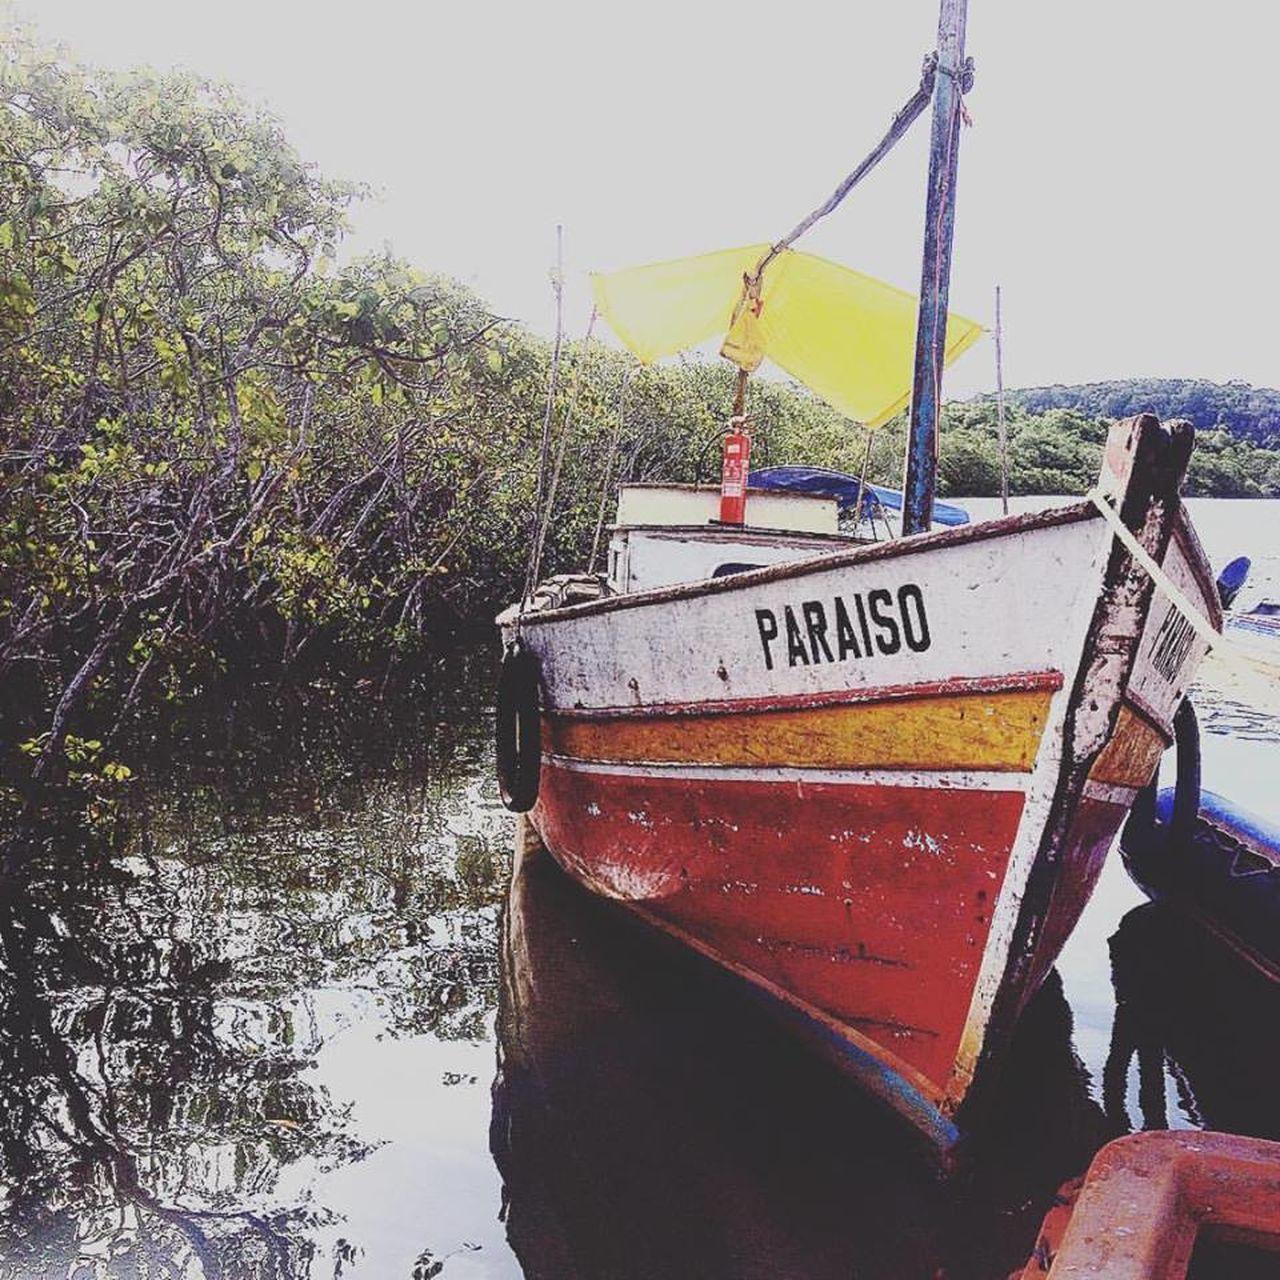 Bahia Brasil Cabralia Paraíso